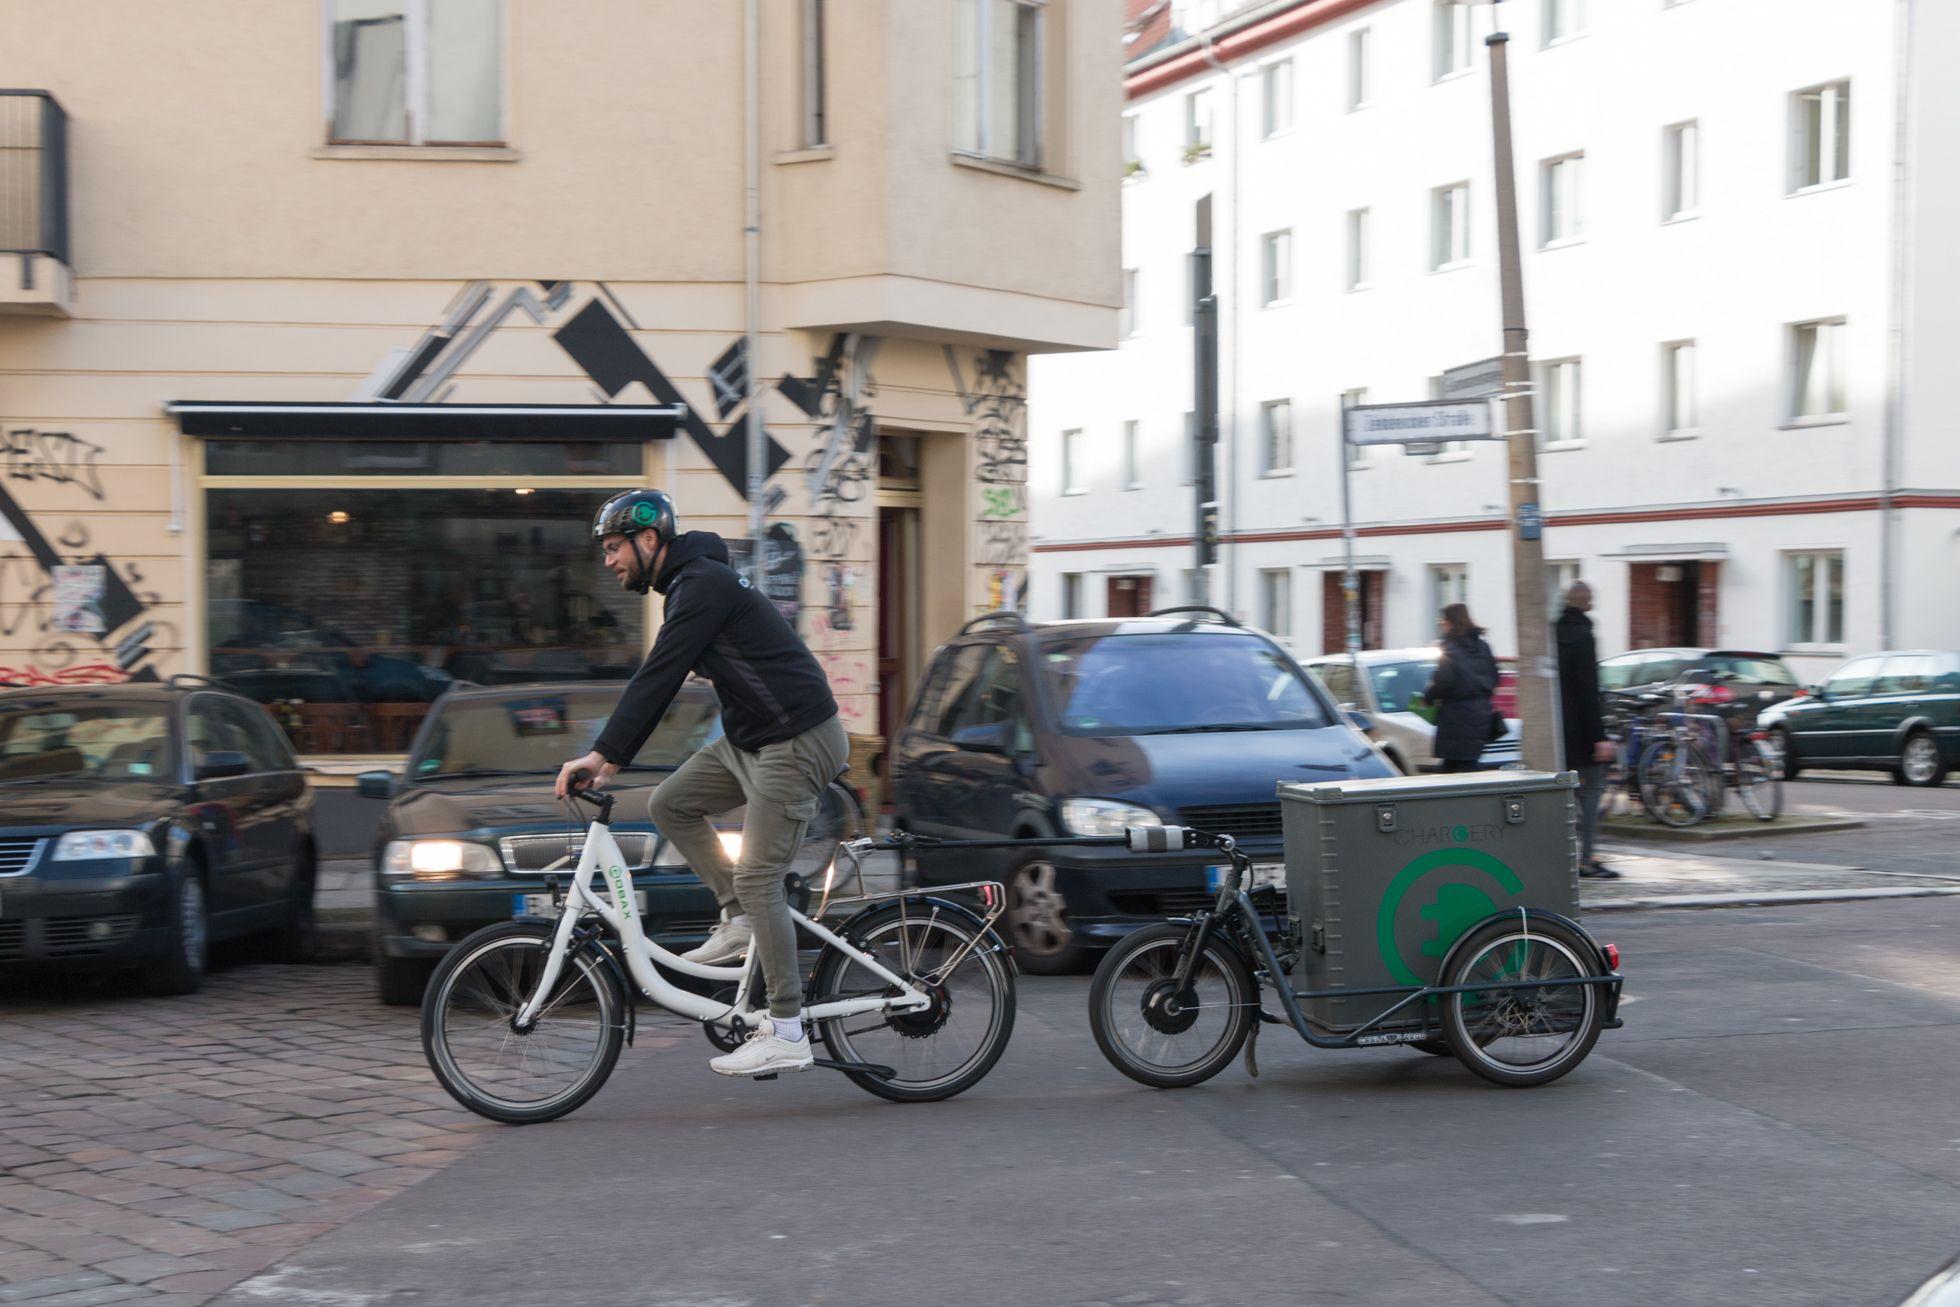 Chargery: 150 Kilo Watt auf drei Rädern -